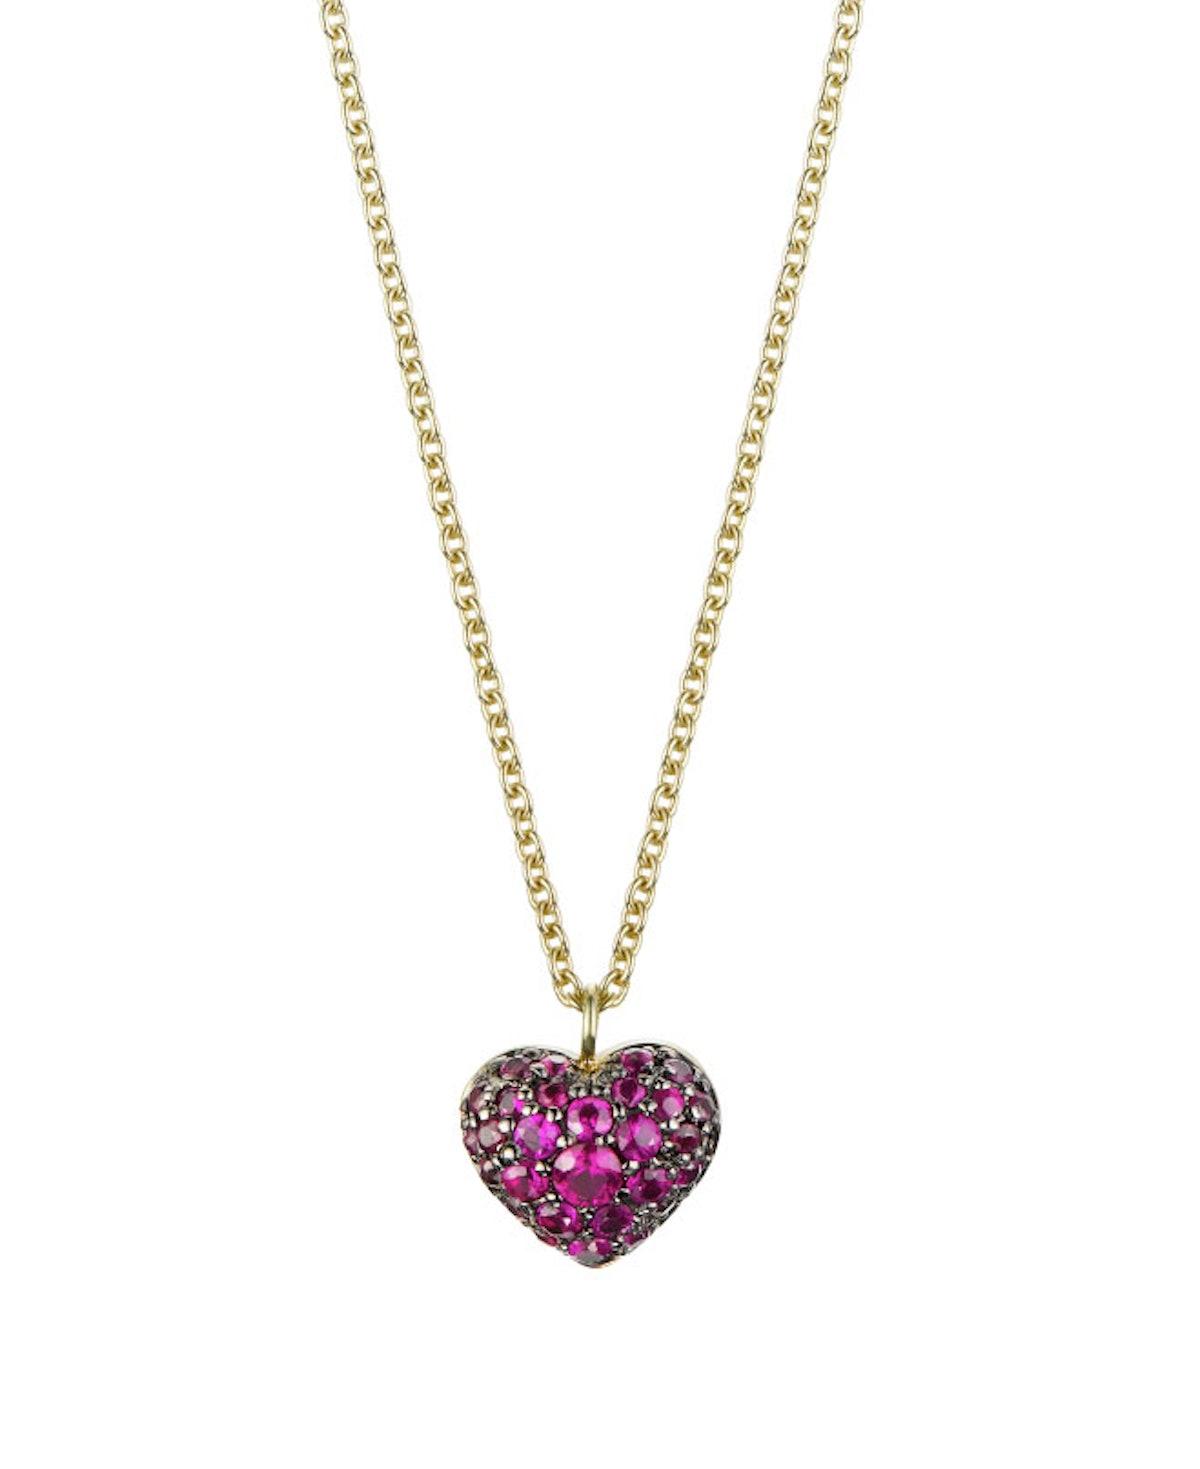 finn heart necklace